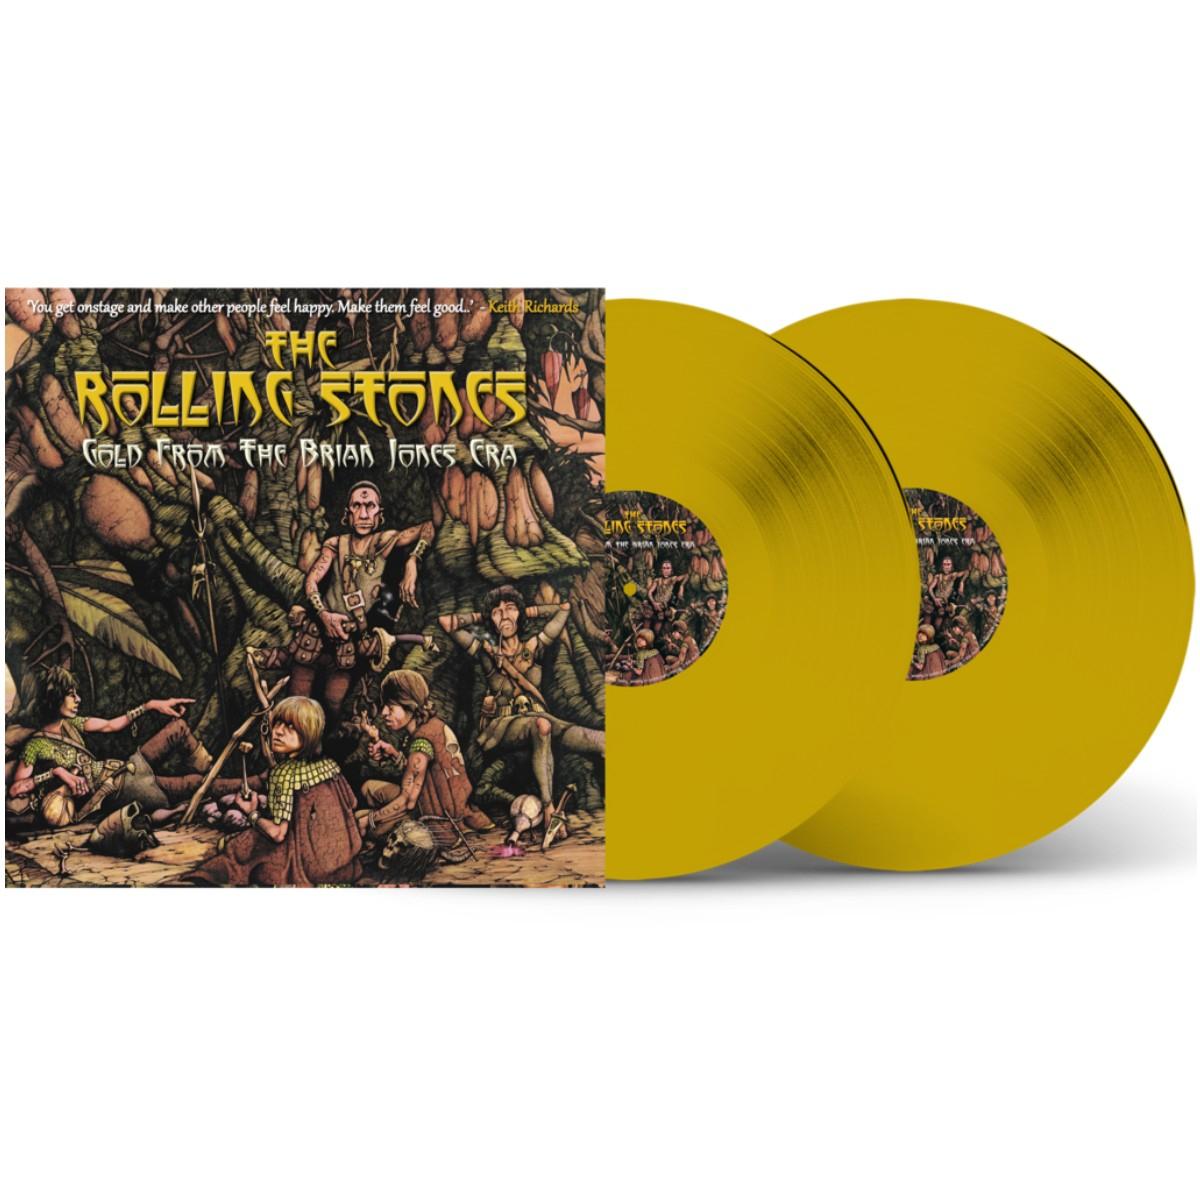 Gold from Brian Jones era (Ltd)